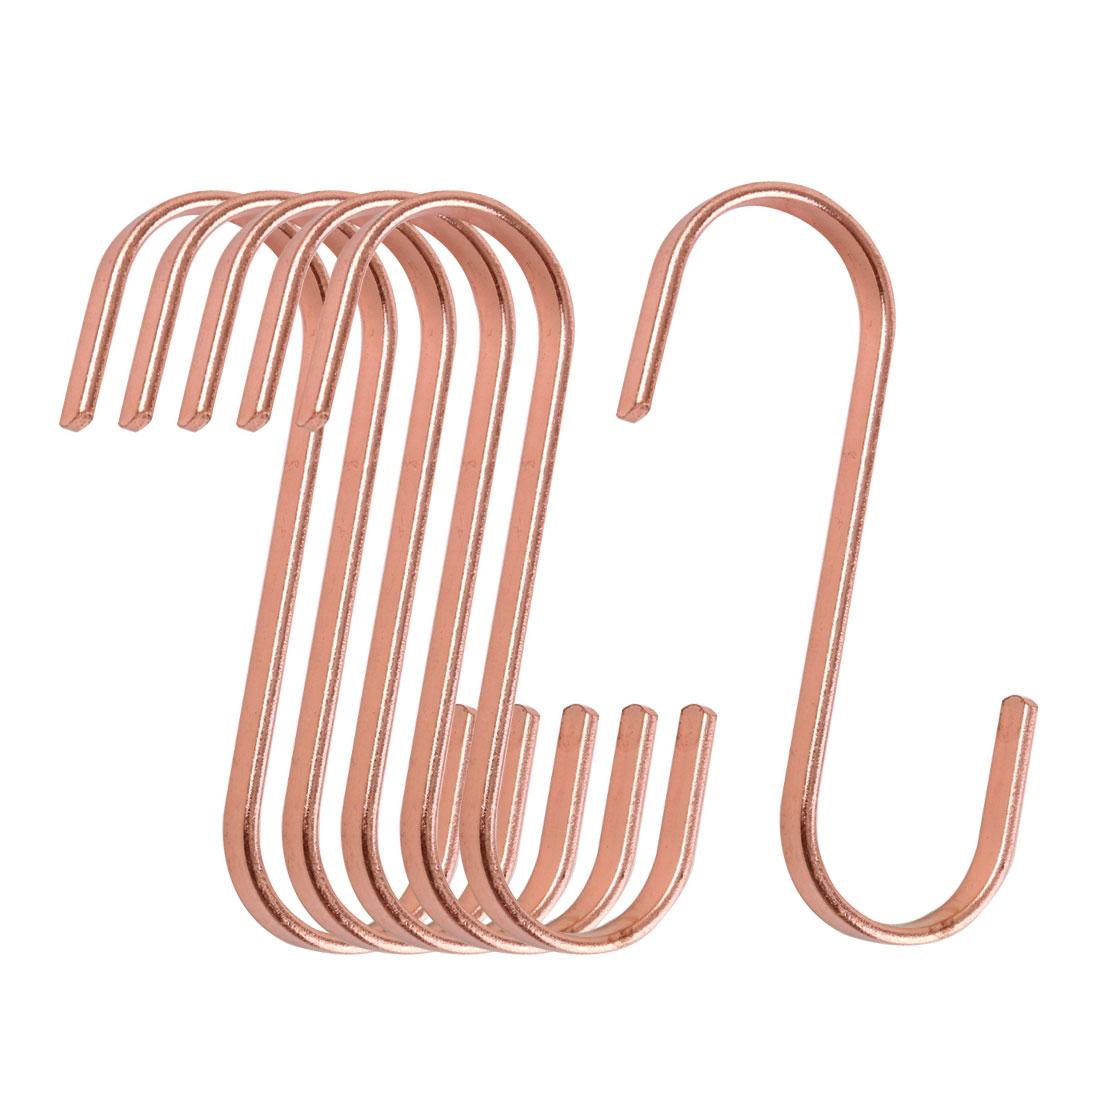 6 Pcs S Hook Rack Stainless Steel for Utensils Coat Towel Holder Rose Gold